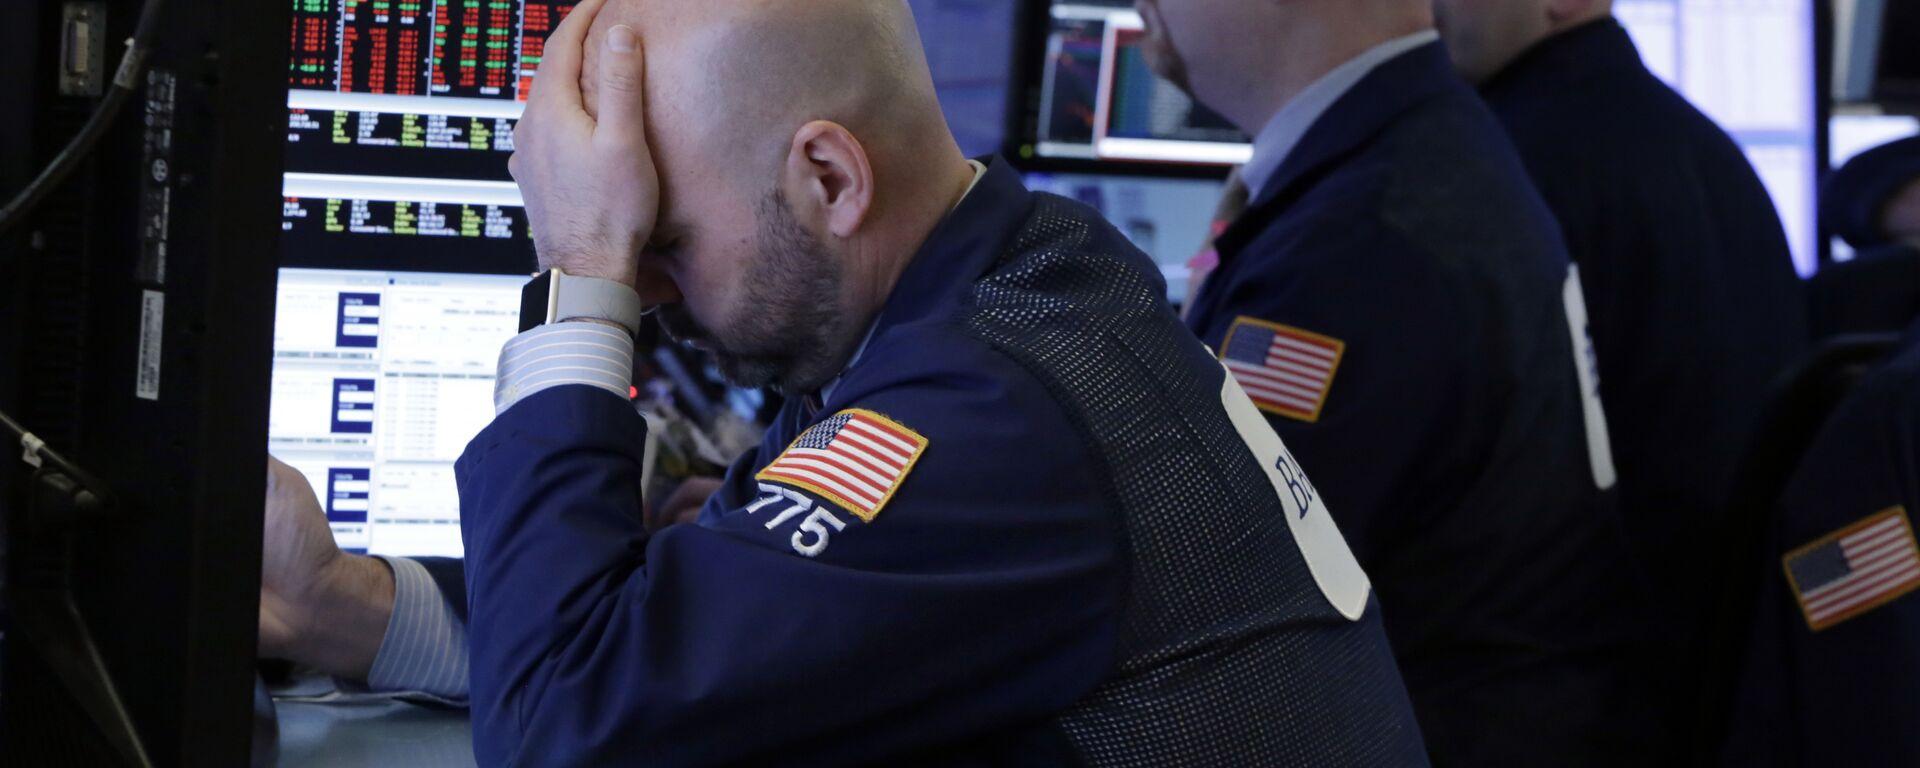 Bolsa de valores (referencial) - Sputnik Mundo, 1920, 16.08.2021